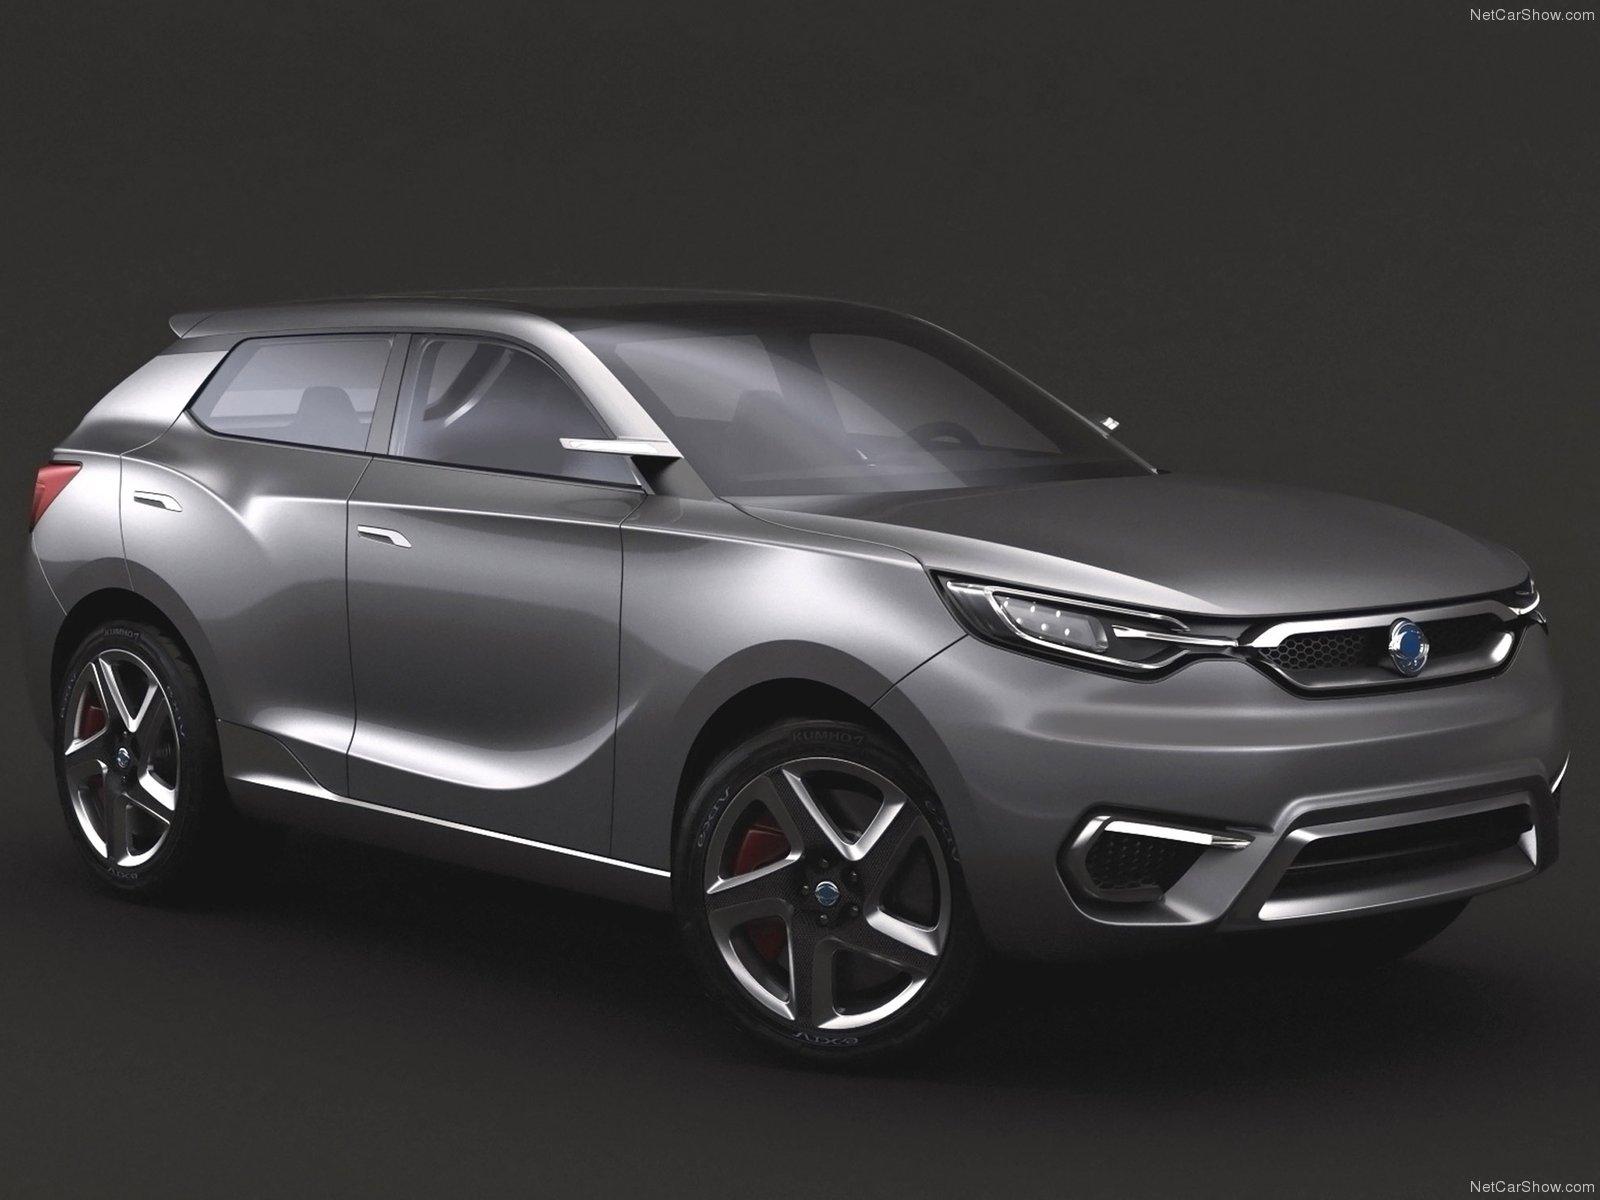 Hình ảnh xe ô tô SsangYong SIV-1 Concept 2013 & nội ngoại thất